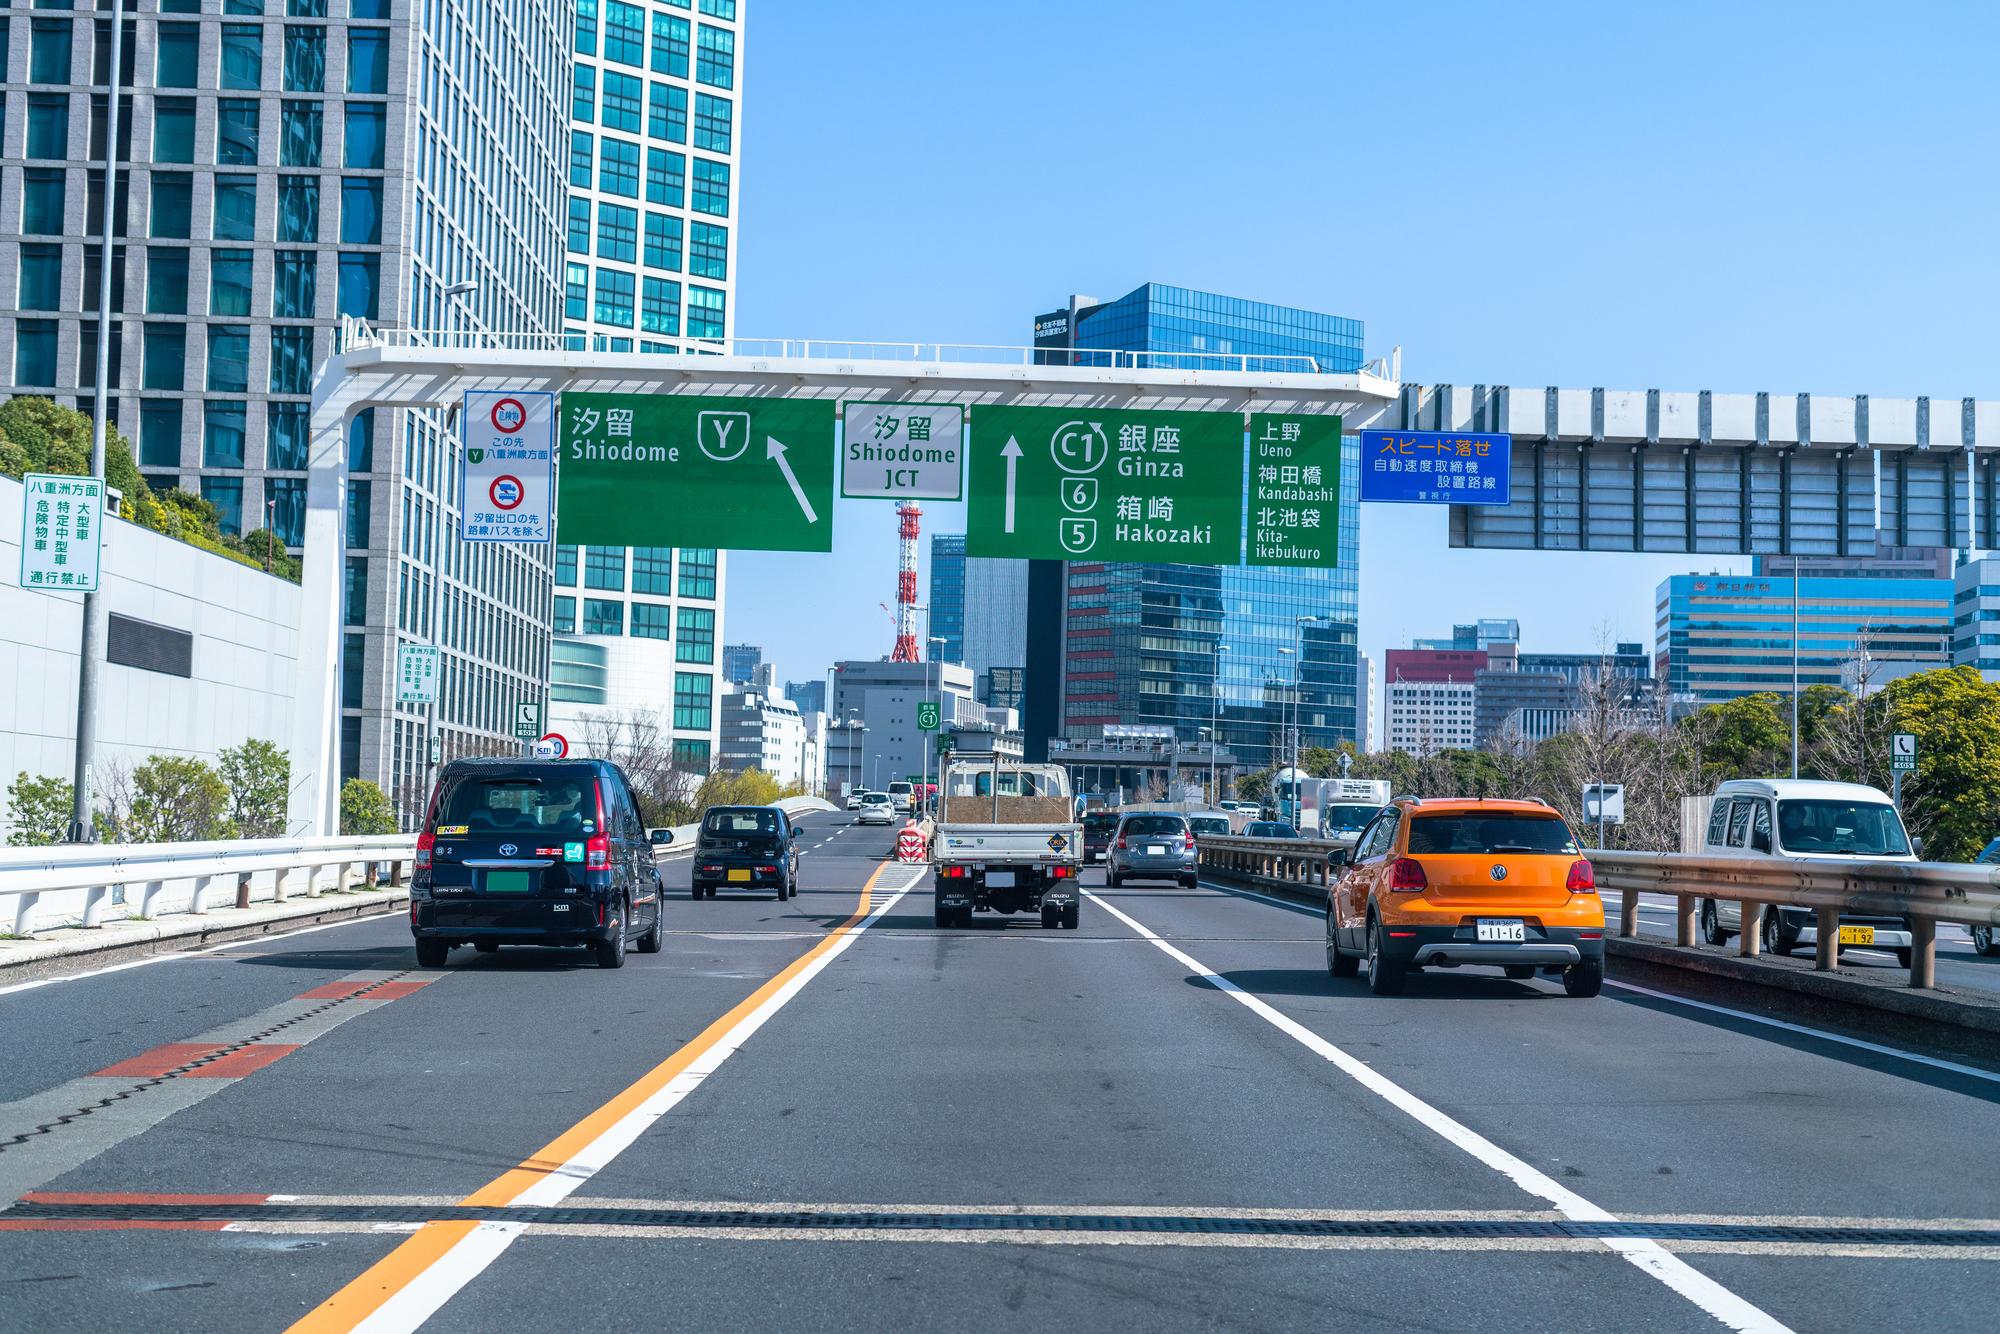 渋滞イライラ度はかつての100分の1に!? 日本の渋滞問題、実は大幅改善されていた?